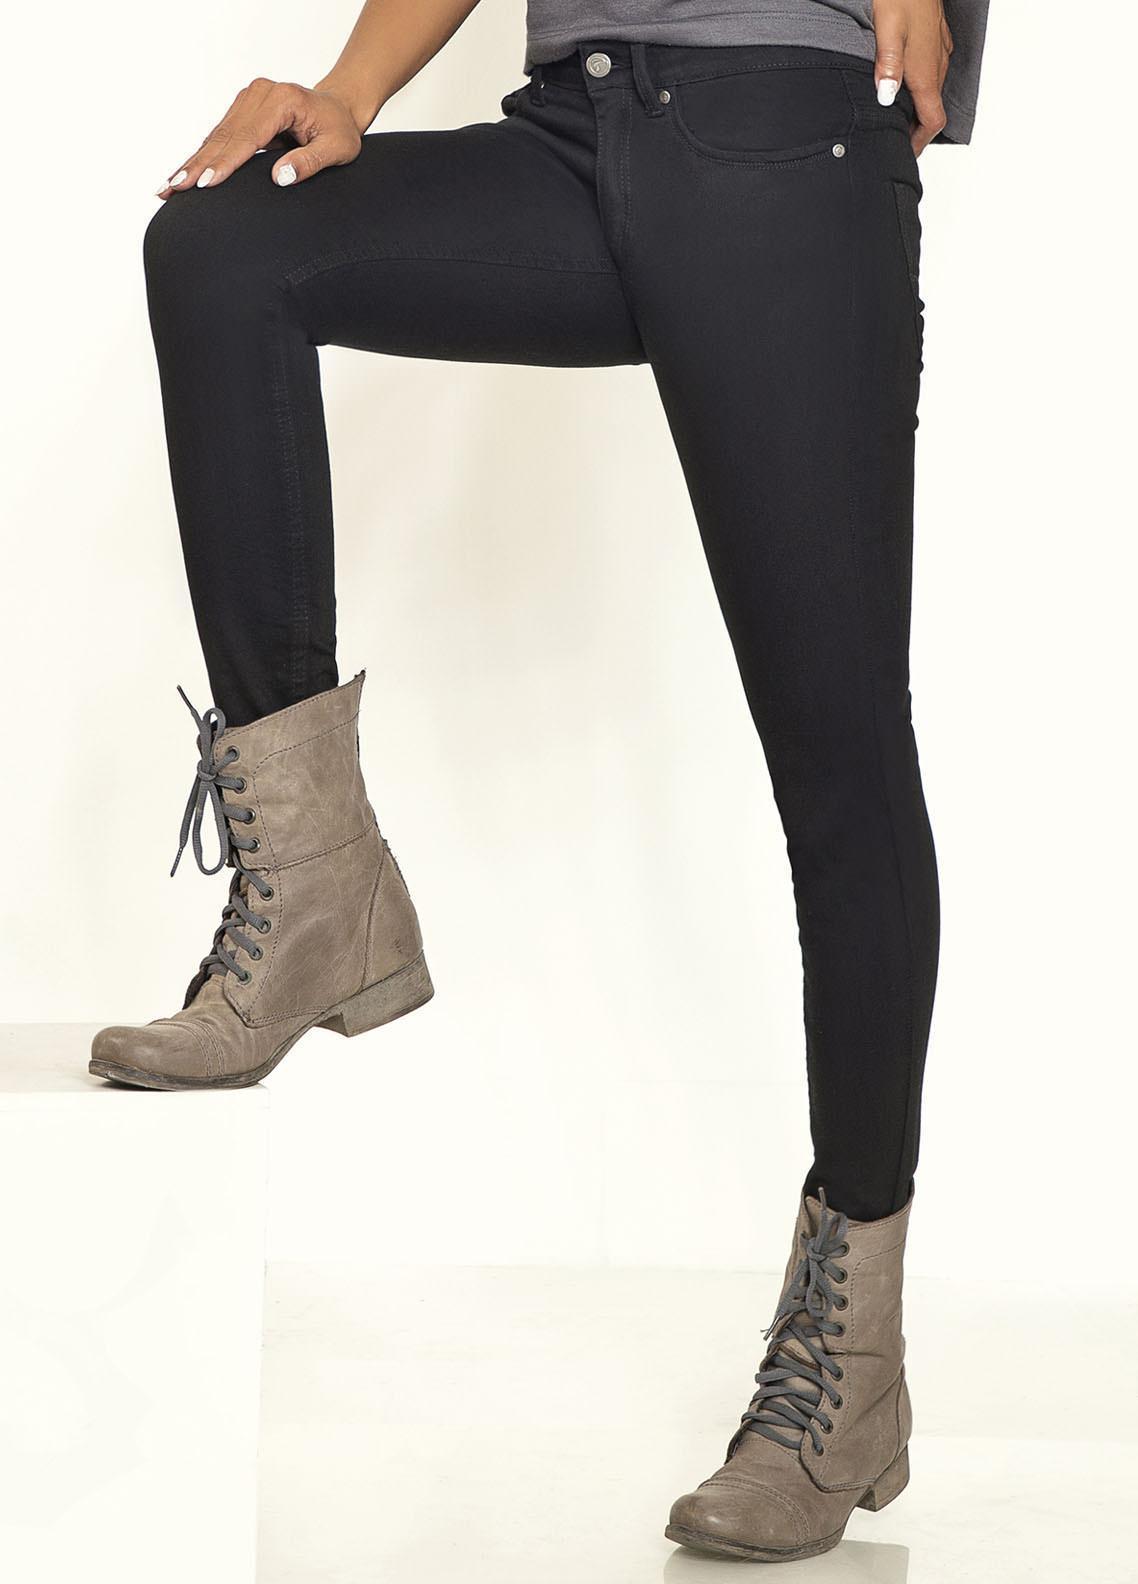 Kross Kulture Perfect Curves Denim Jeans KWA-20-009 BLK